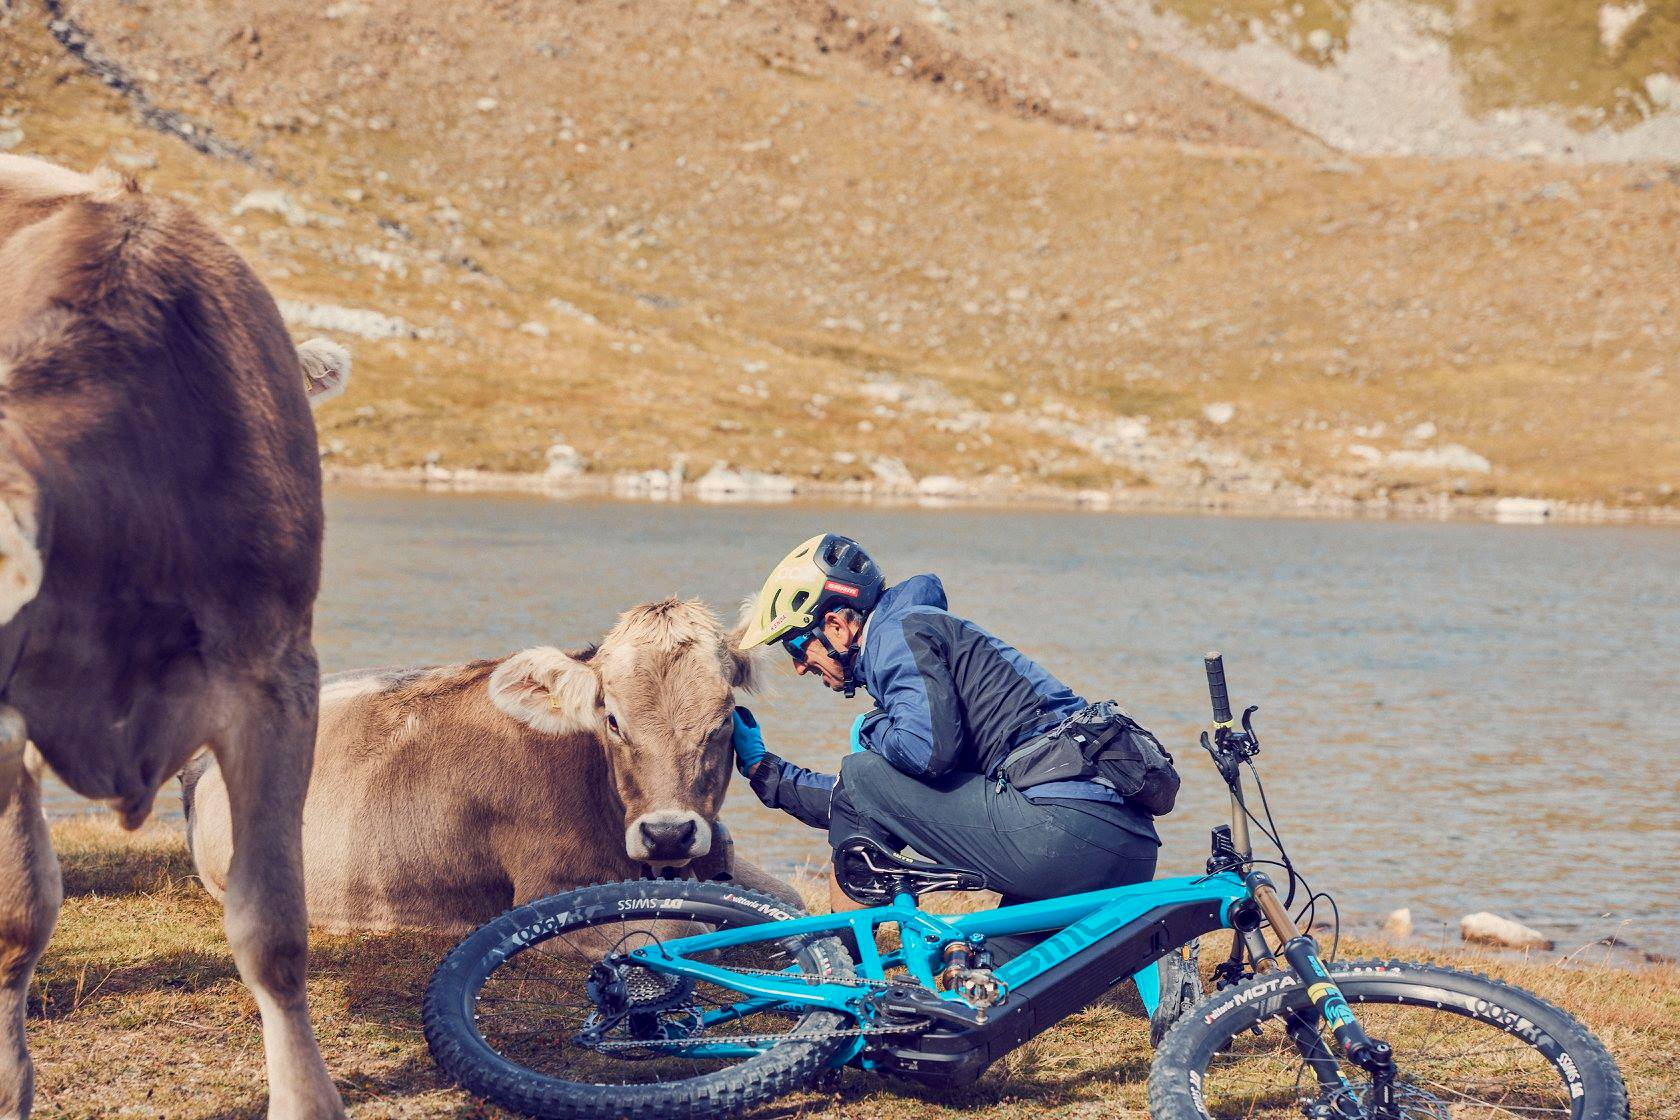 cicloturismo dati legamenbiente bici elettriche mobe ebike 4